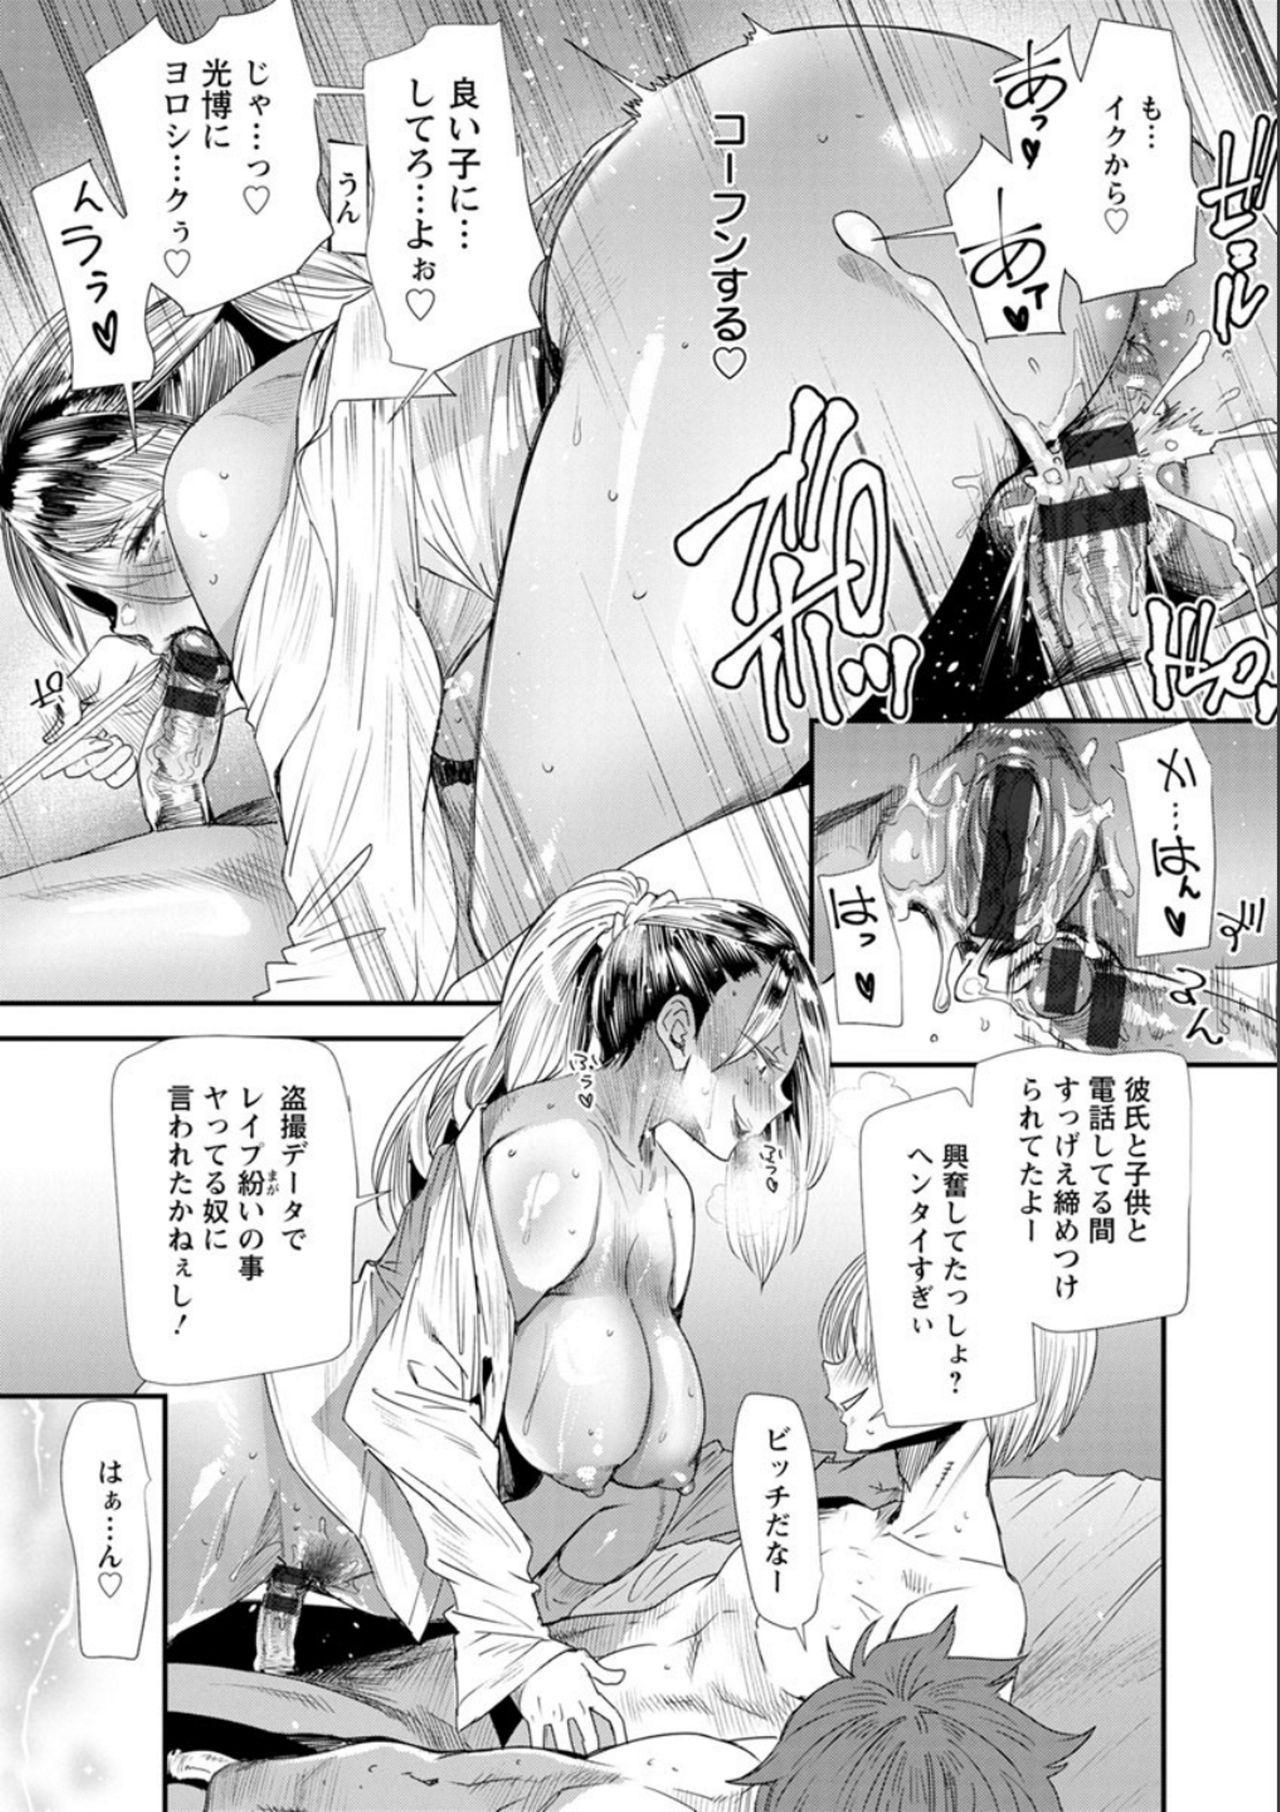 Nao's Secret 102